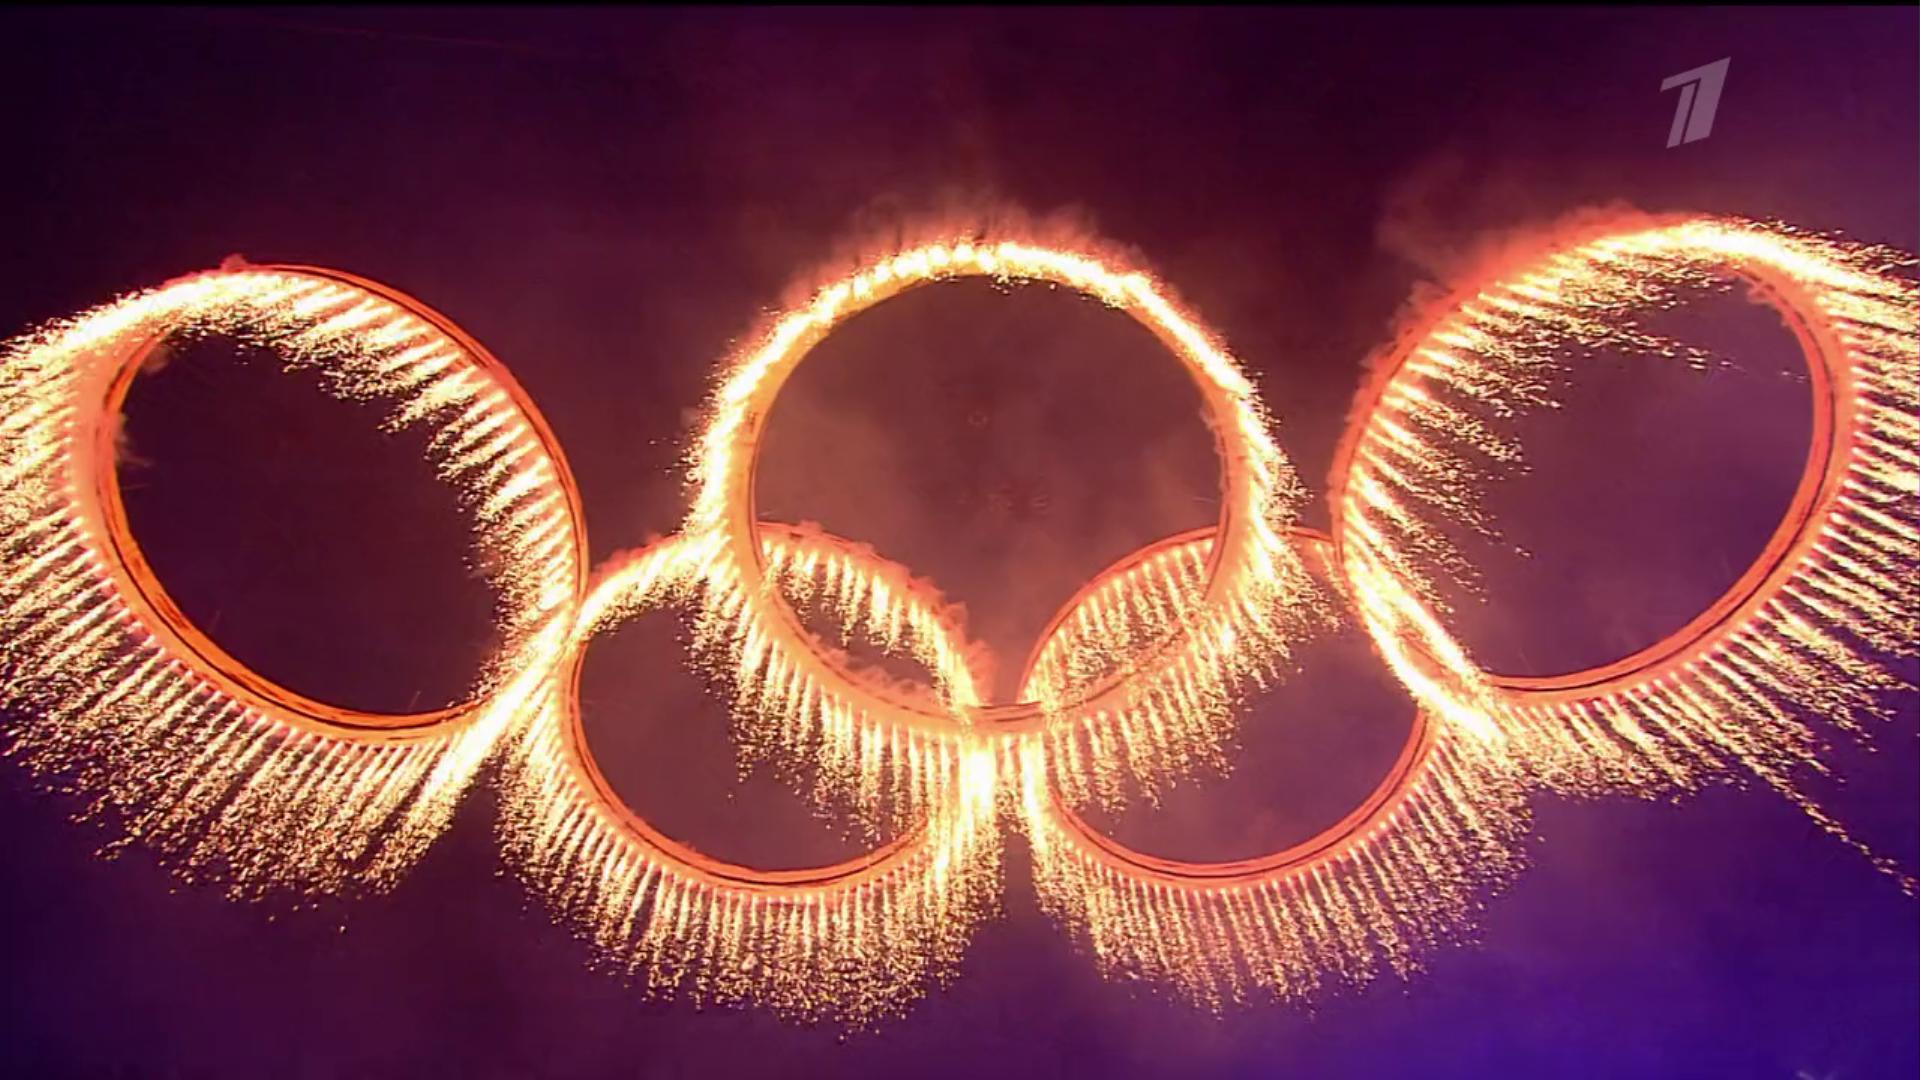 Церемония открытия игр XXXII Олимпиады 2020 г. вТокио. Прямой эфир